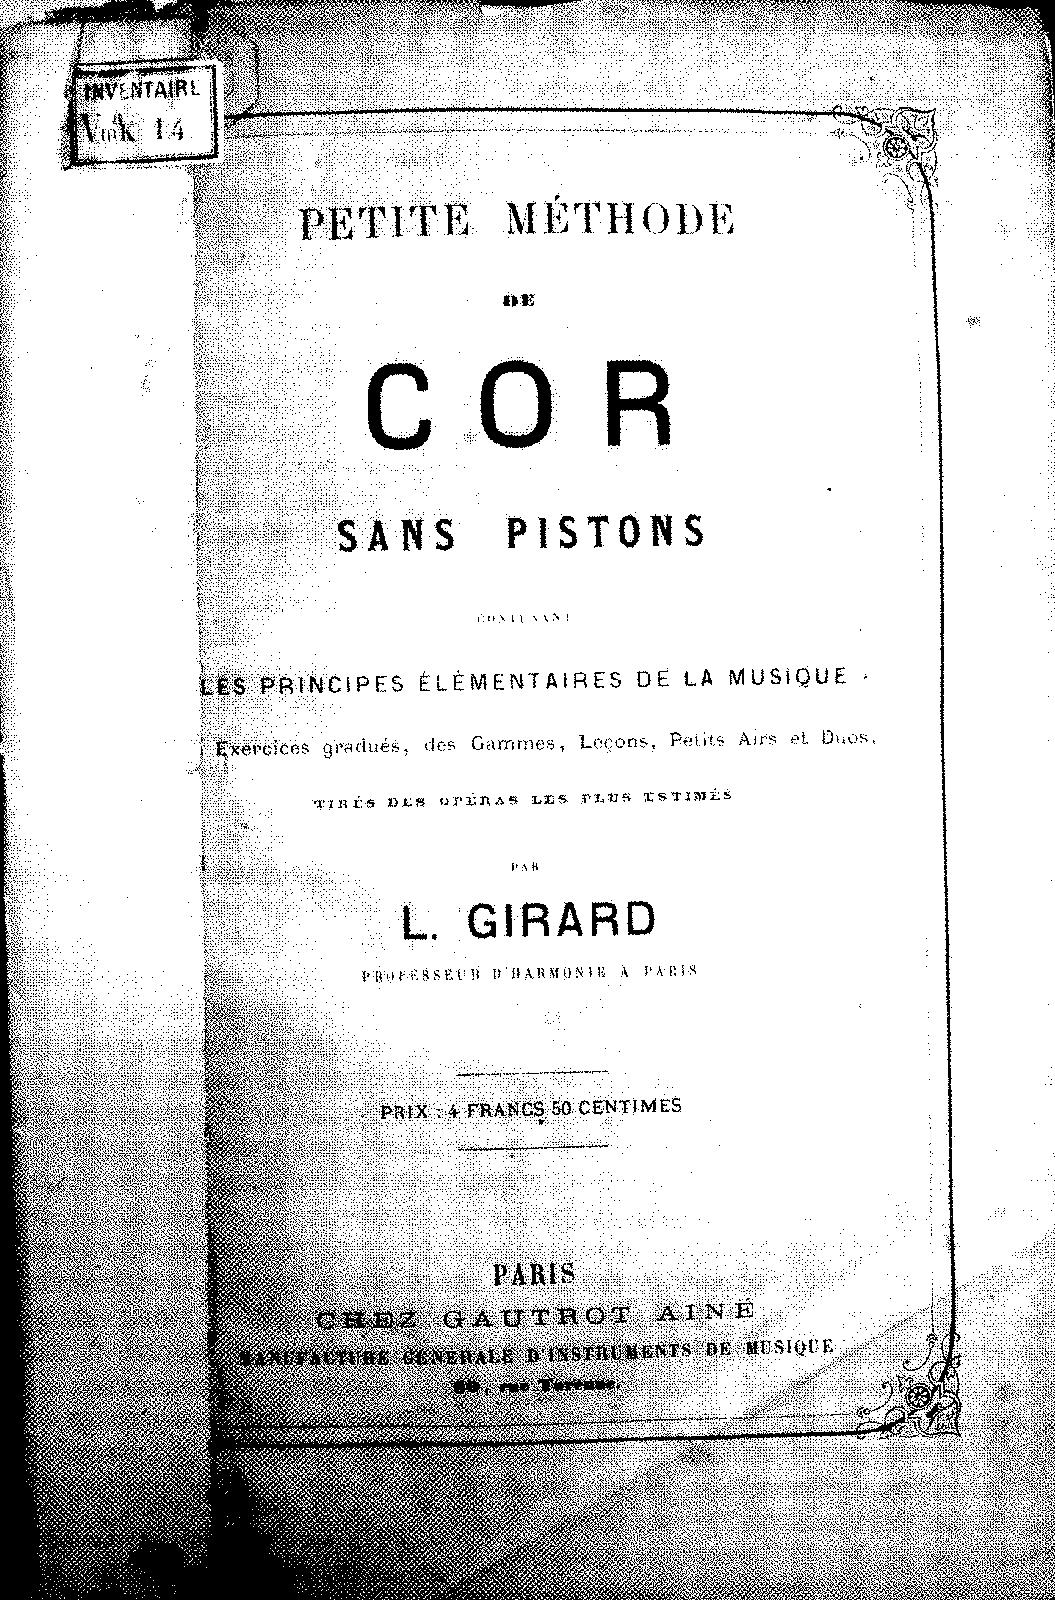 Petite Méthode de cor sans pistons (Girard, L ) - IMSLP/Petrucci